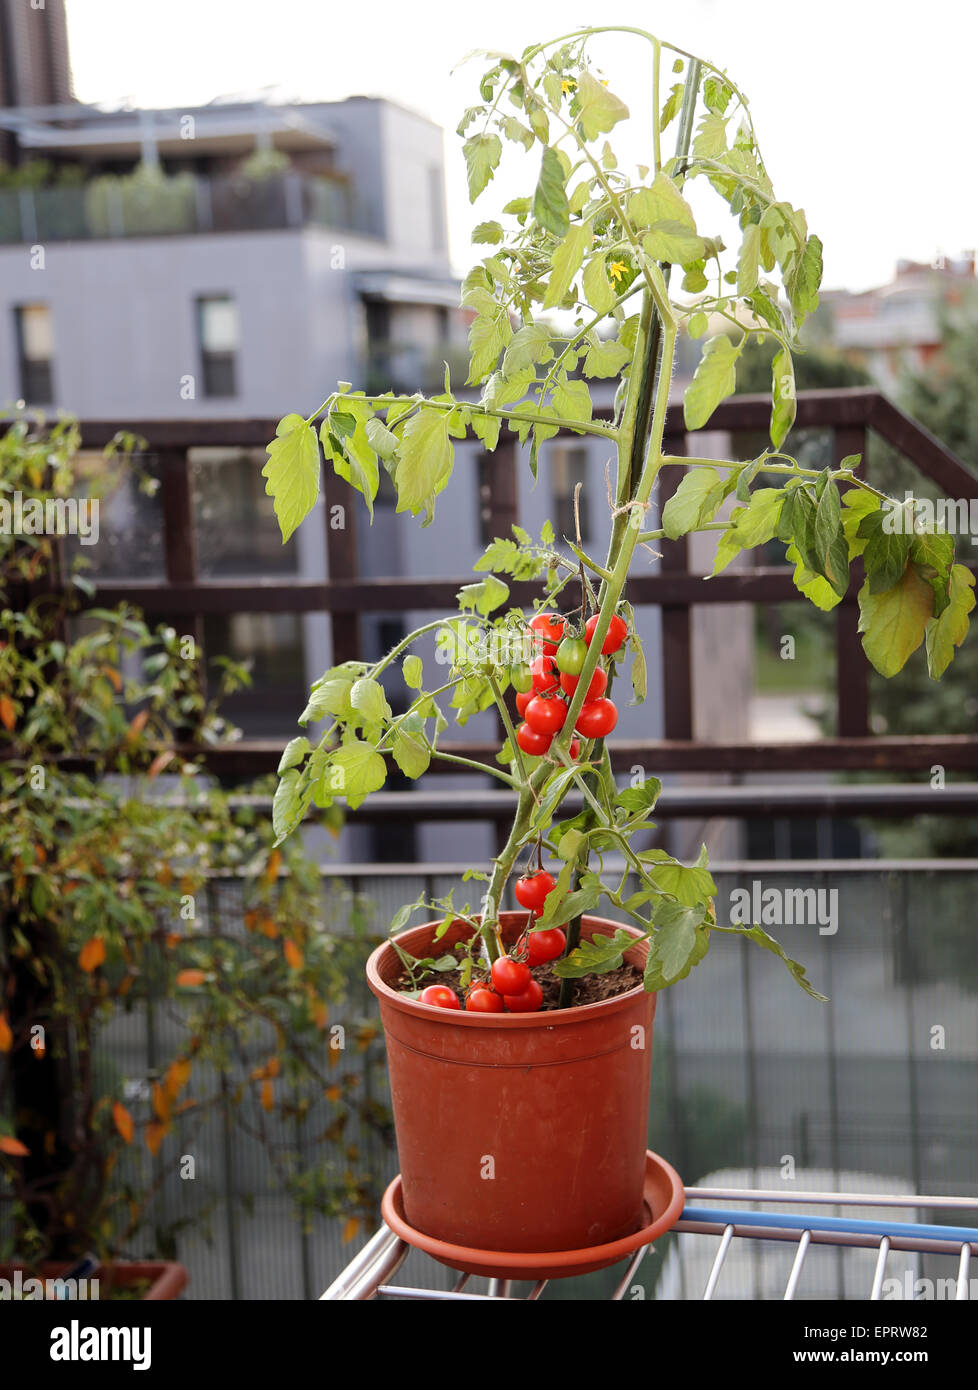 Las Plantas De Tomate Rojo En La Terraza De Una Casa De La